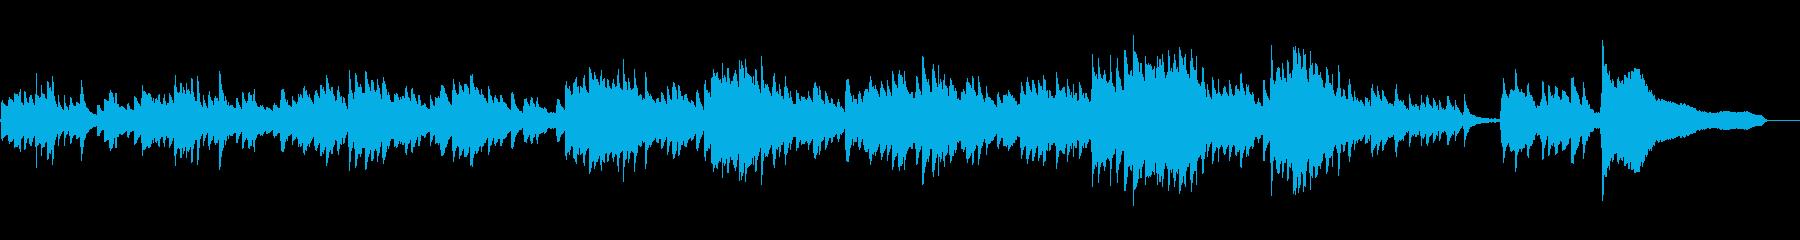 ヒーリング・ソロピアノの叙情的メロディの再生済みの波形